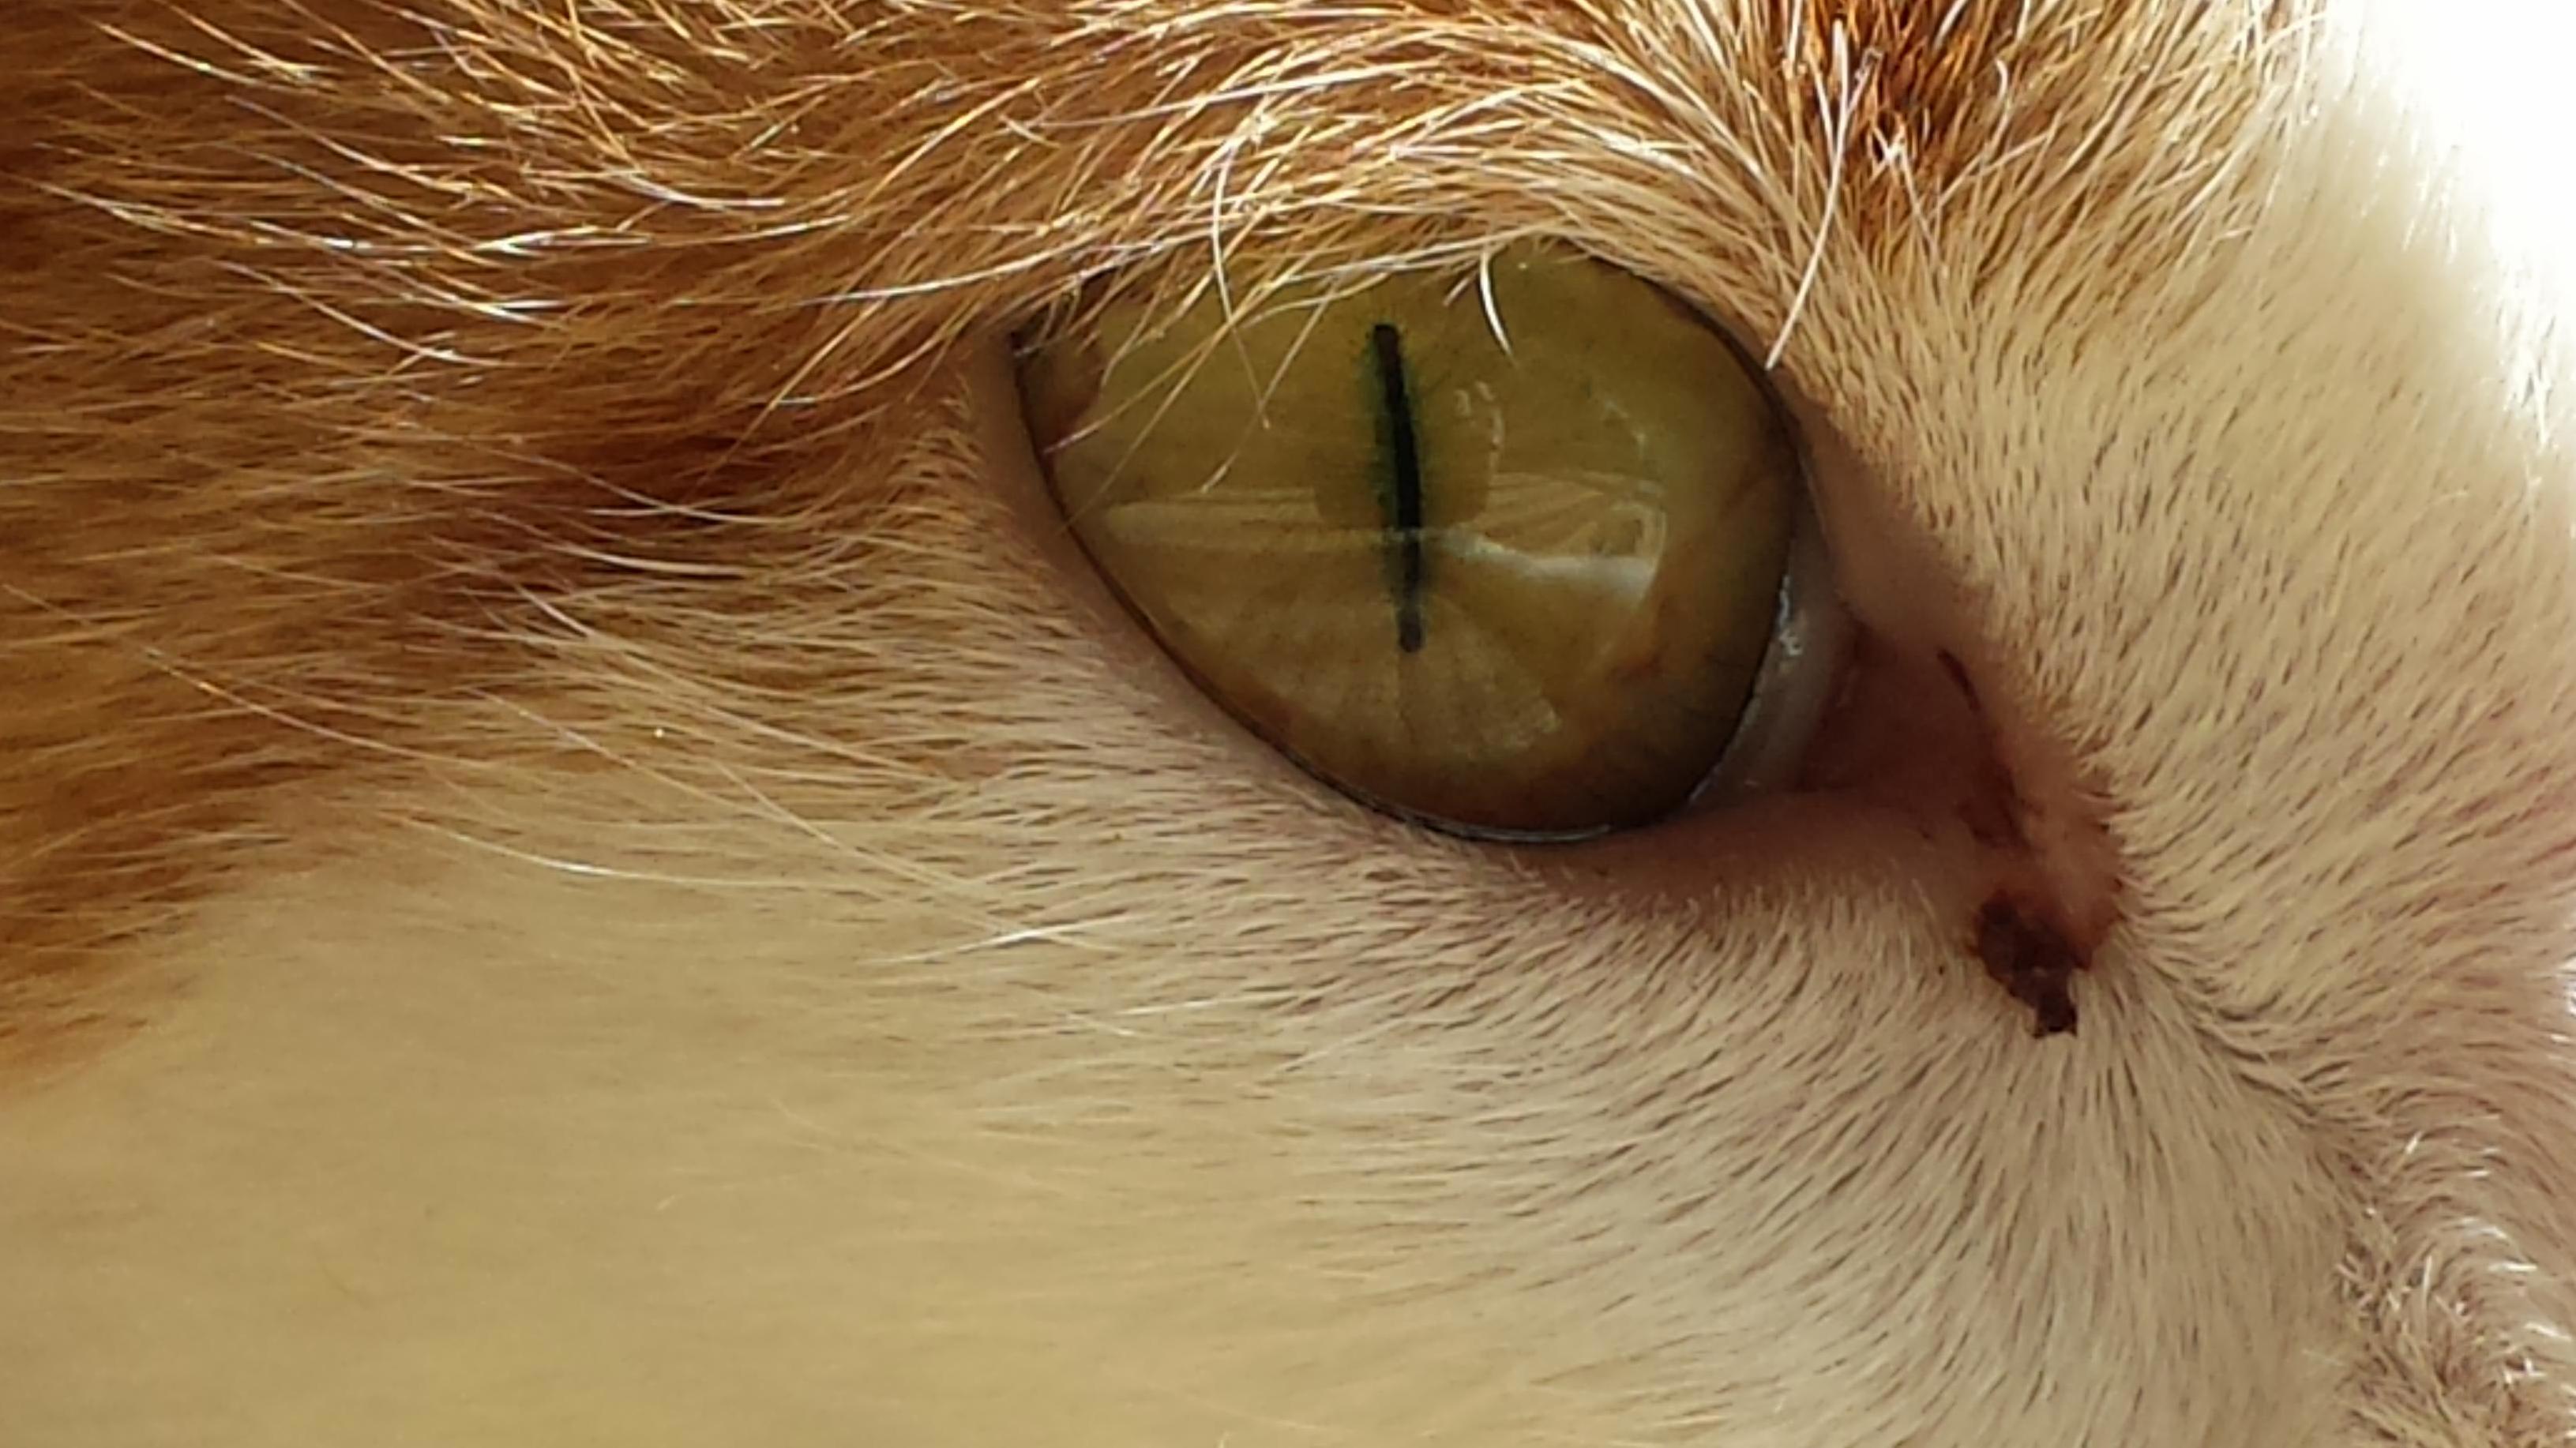 Mias eye